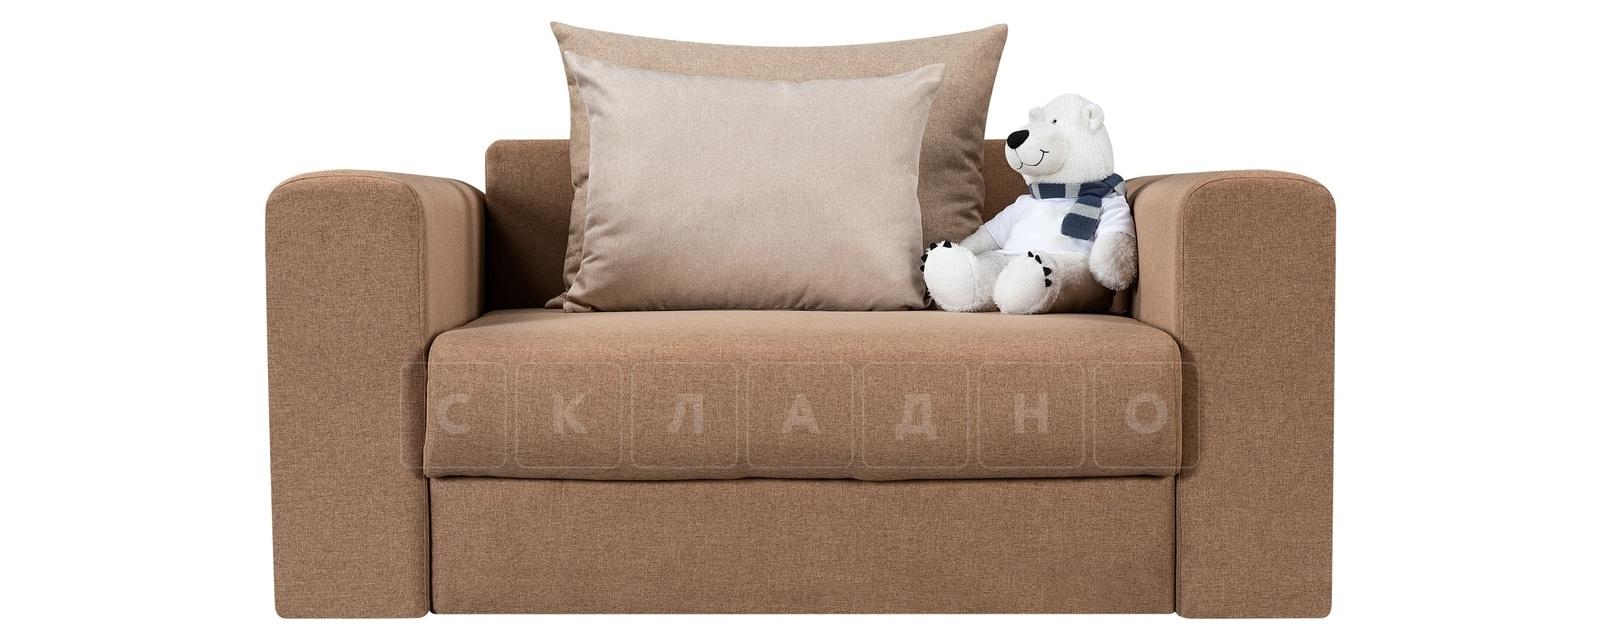 Кресло Медисон 100см коричневого цвета фото 2 | интернет-магазин Складно